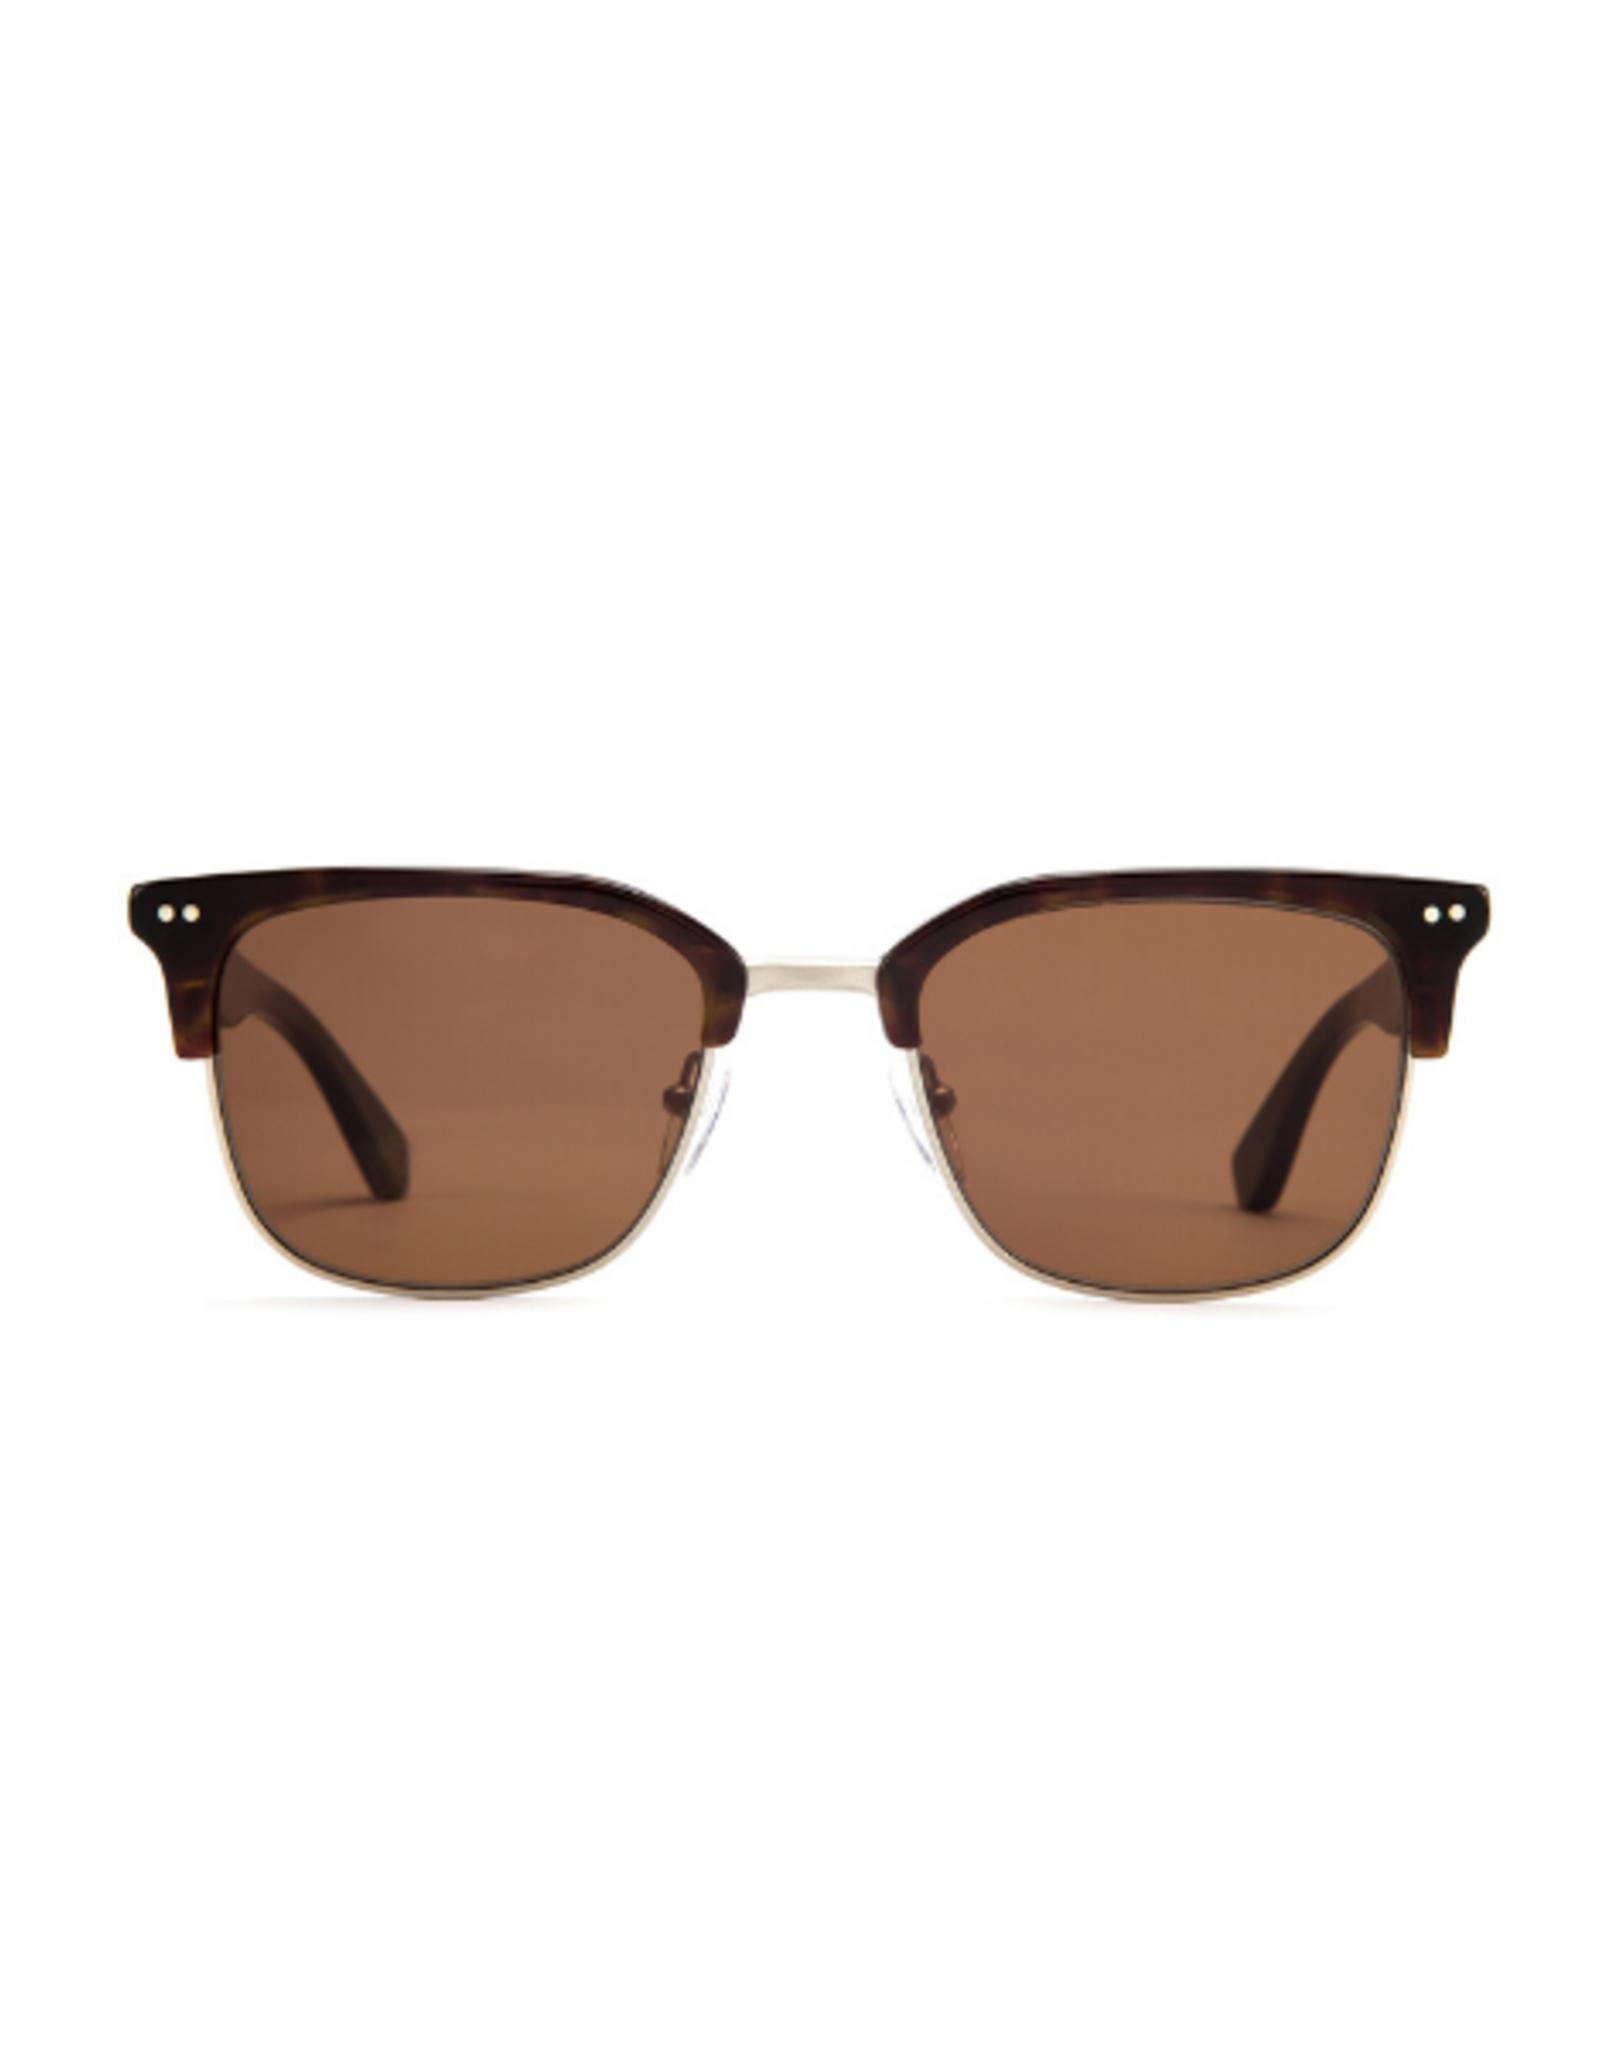 Otis Eyewear 125-1902P 100 Club Sasa Brown\Brown Polar